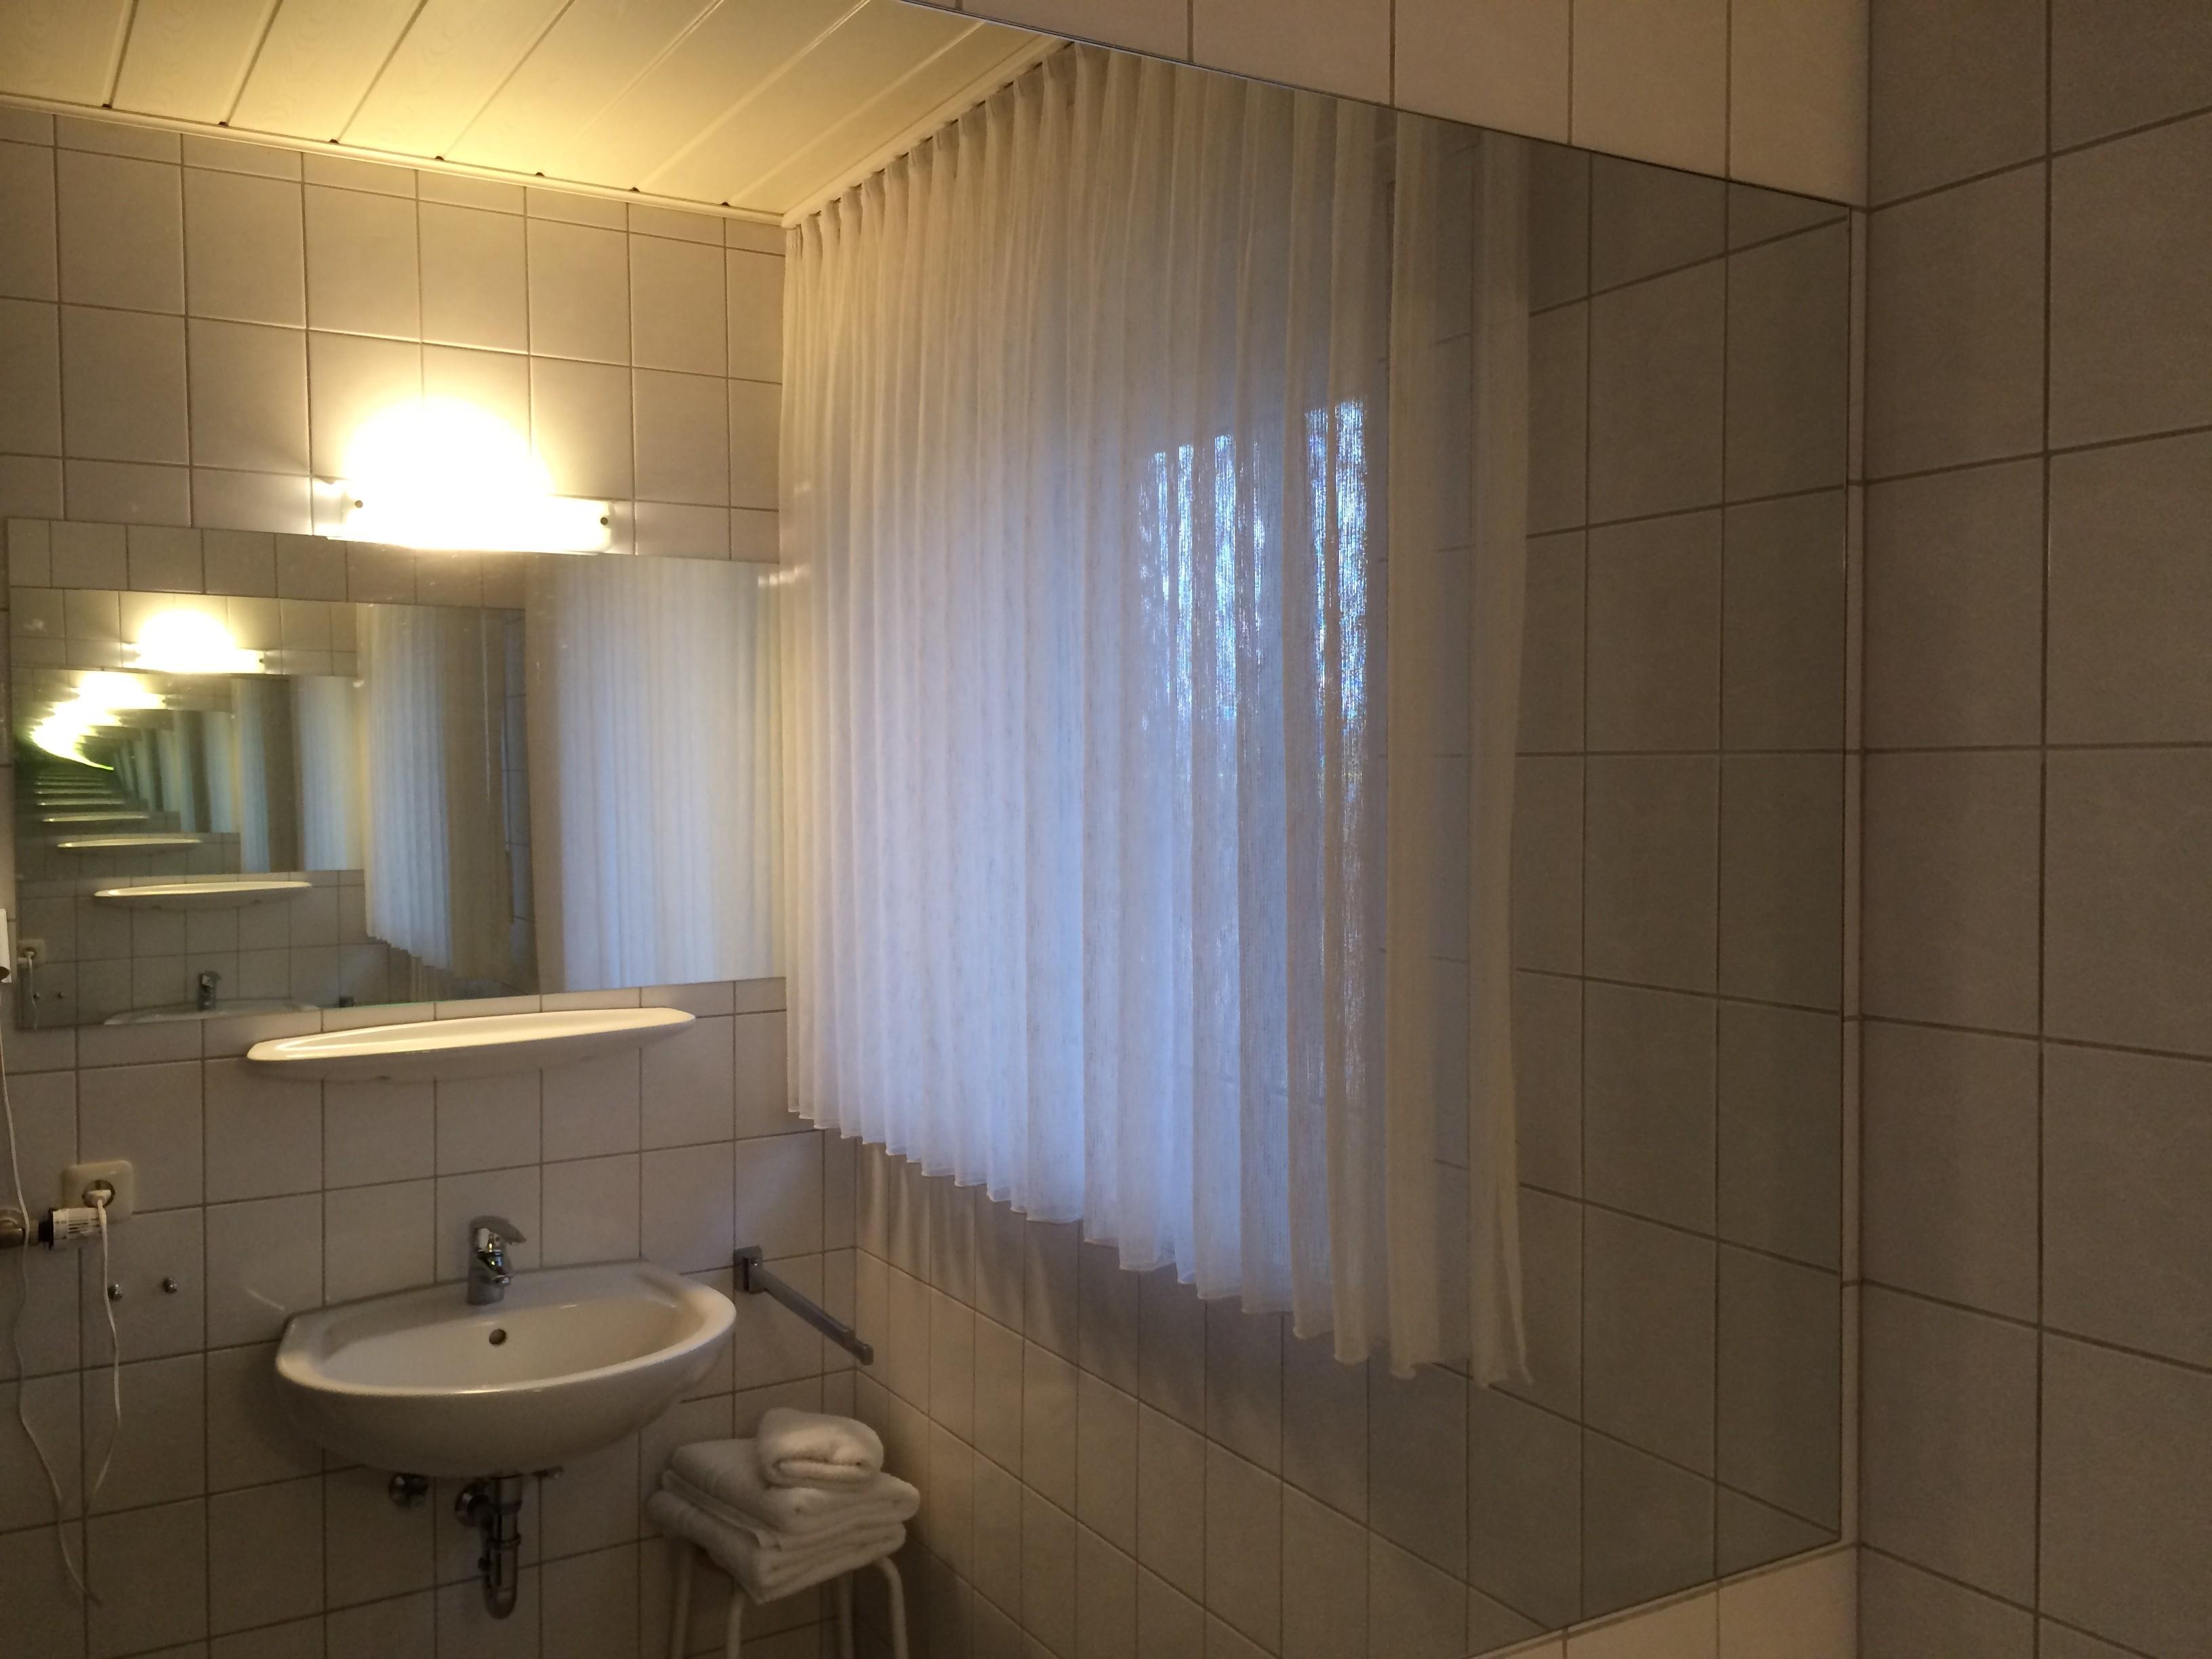 Spiegel im Badezimmer vom Hotel und Appartement Haus Stallmeister in Lippstadt